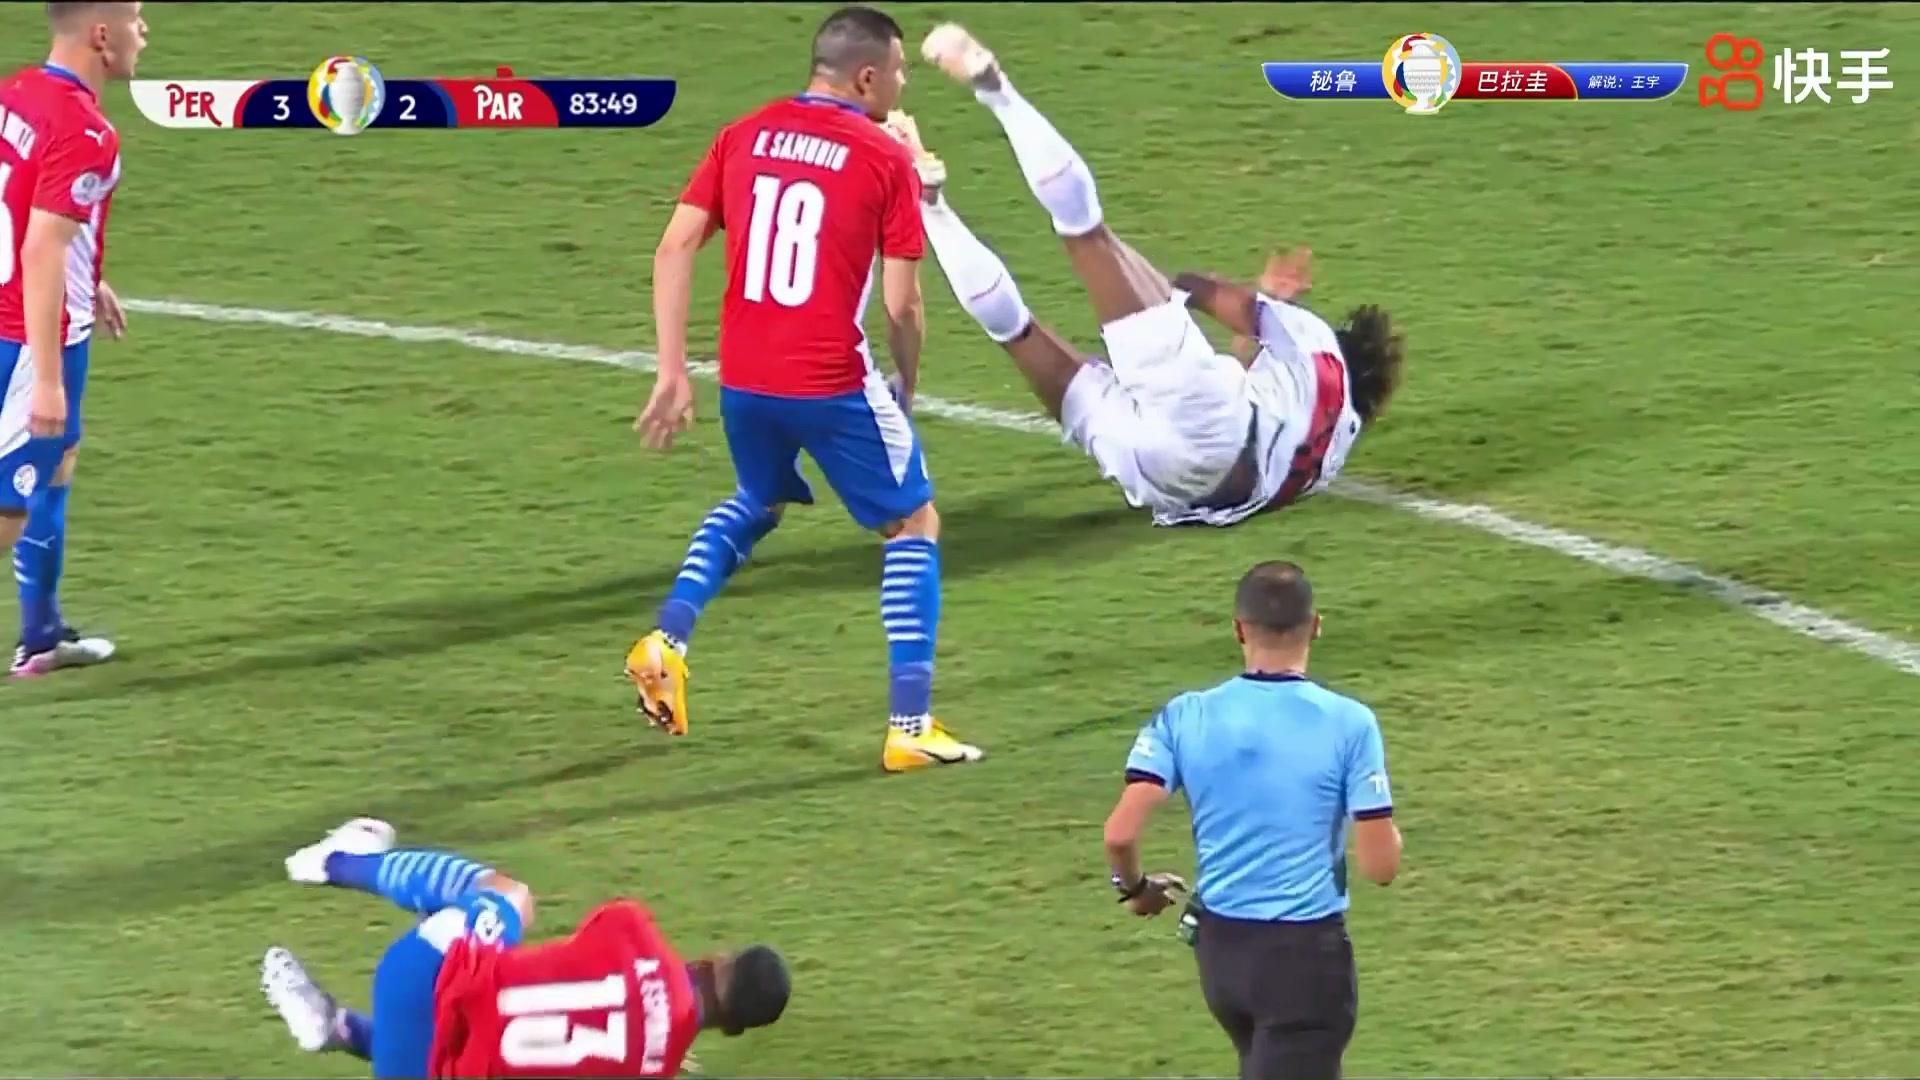 【快手集锦】美洲杯-拉帕杜拉双响 秘鲁点球大战7-6淘汰巴拉圭